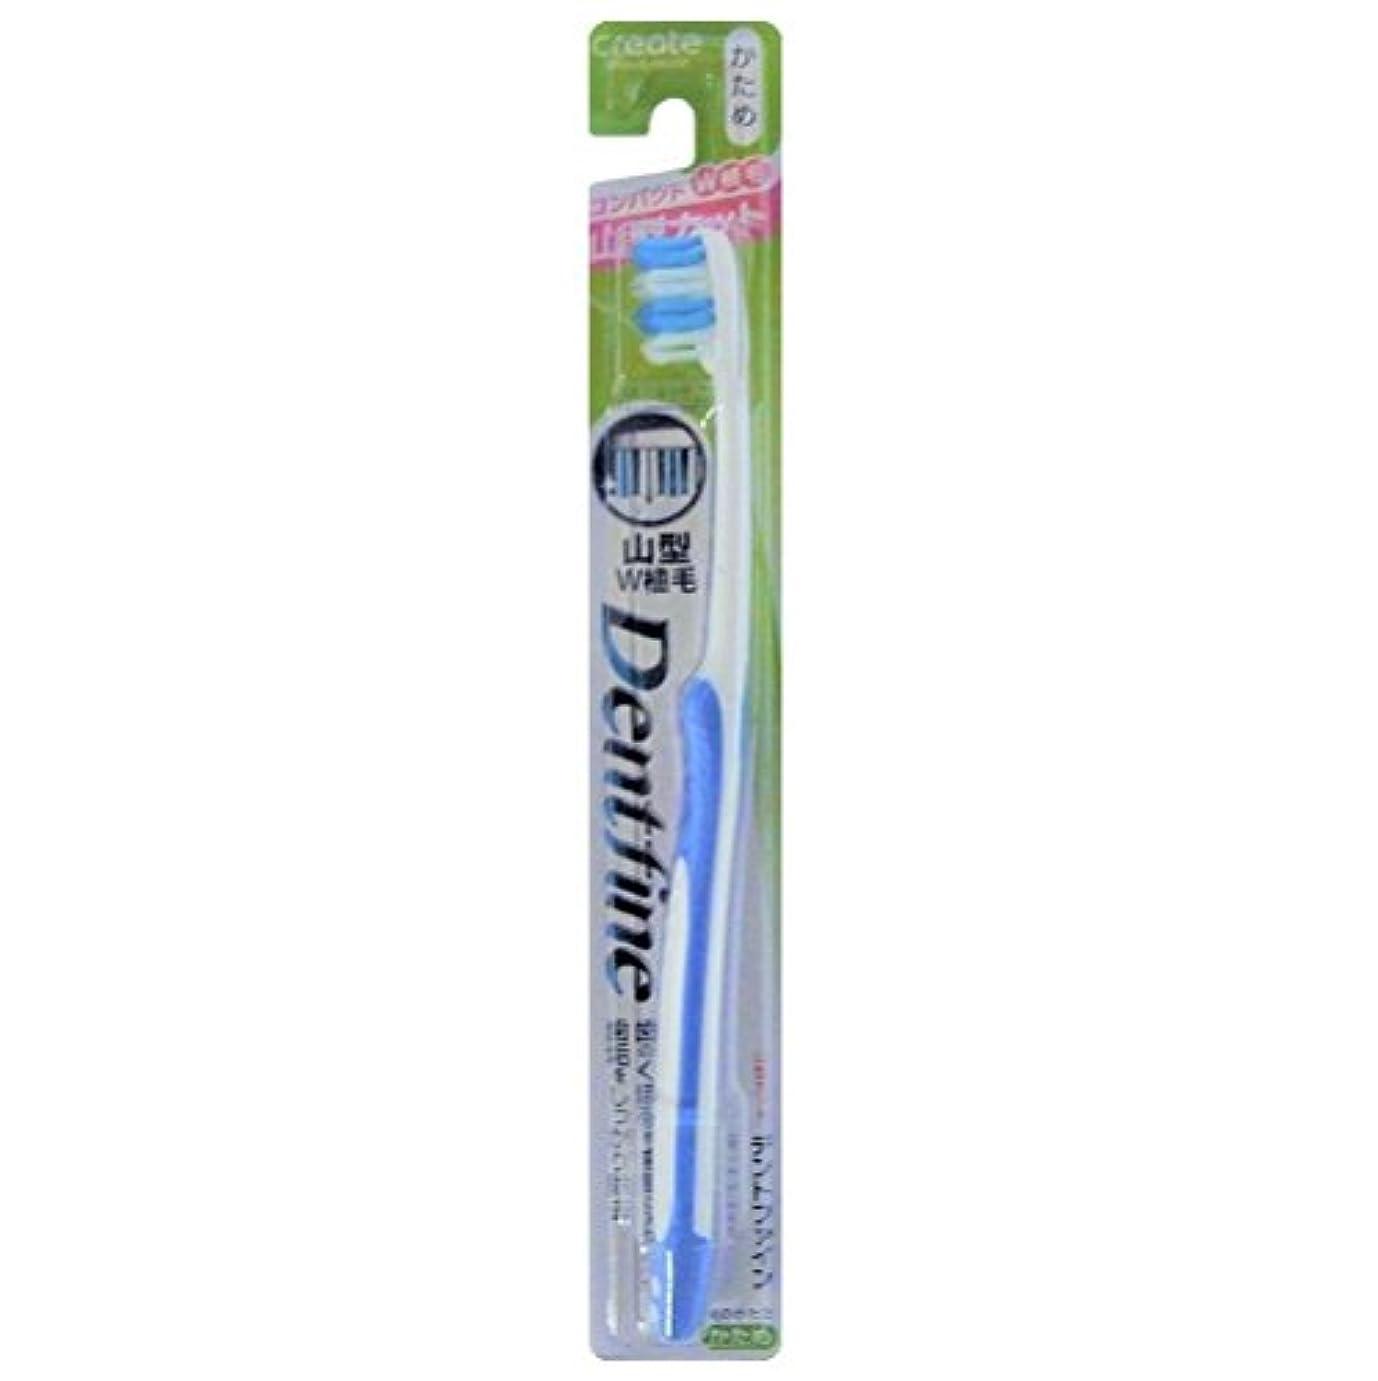 知覚的アドバンテージむしゃむしゃデントファイン ラバーグリップ 山切りカット 歯ブラシ かため 1本:ブルー